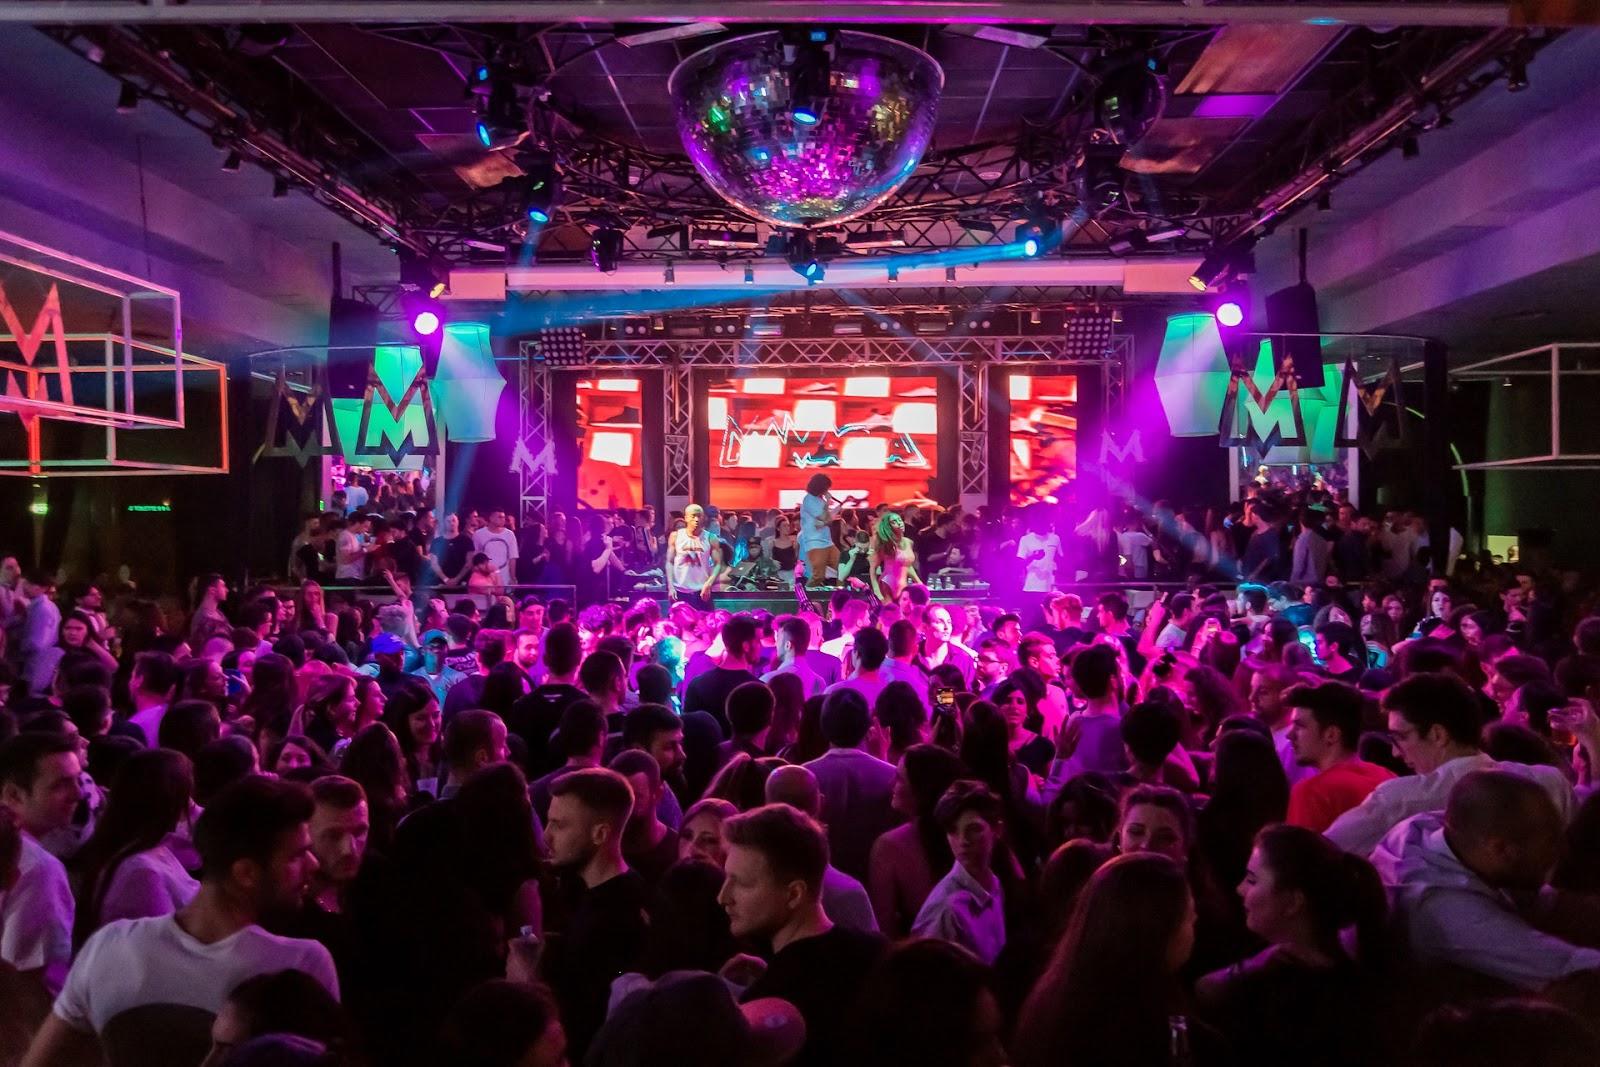 Beliebte Clubs in Europa: Razzmatazz, Barcelona